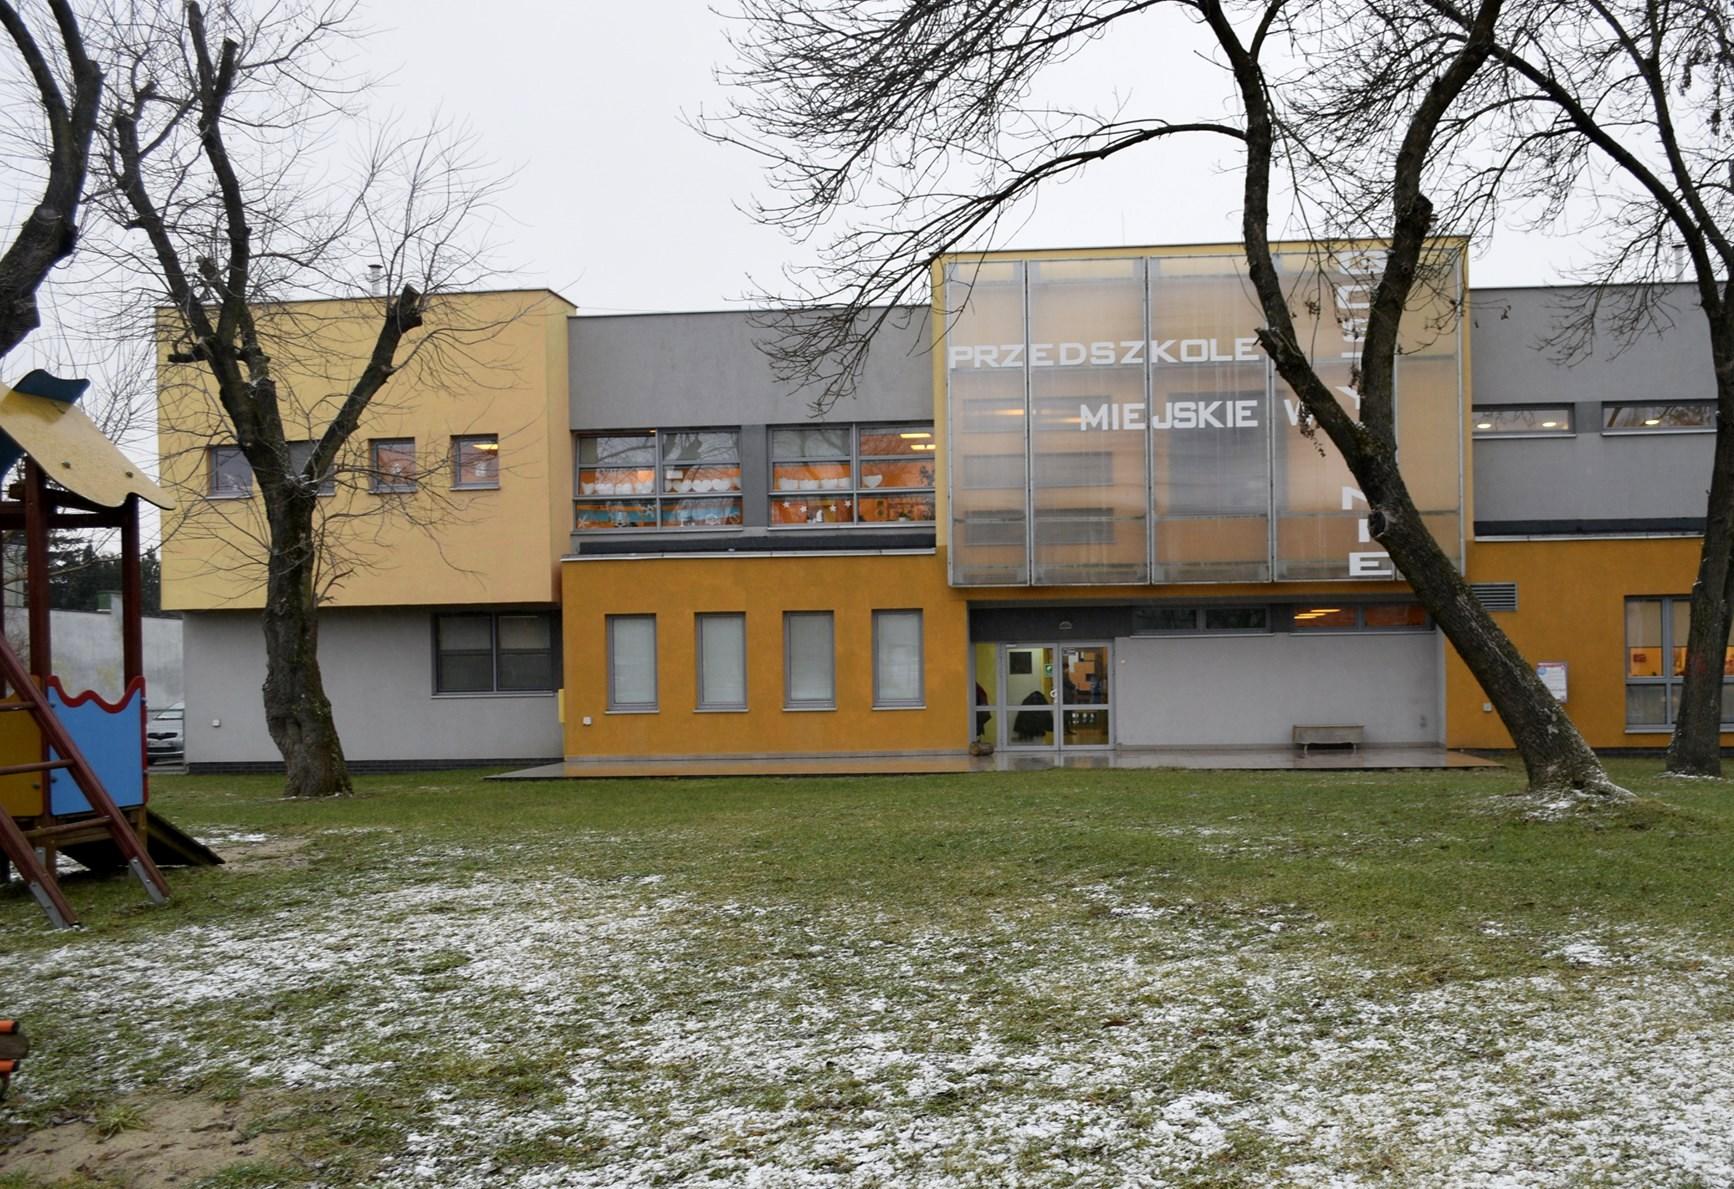 Rozbudowa przedszkola i modernizacja stadionu - Zdjęcie główne